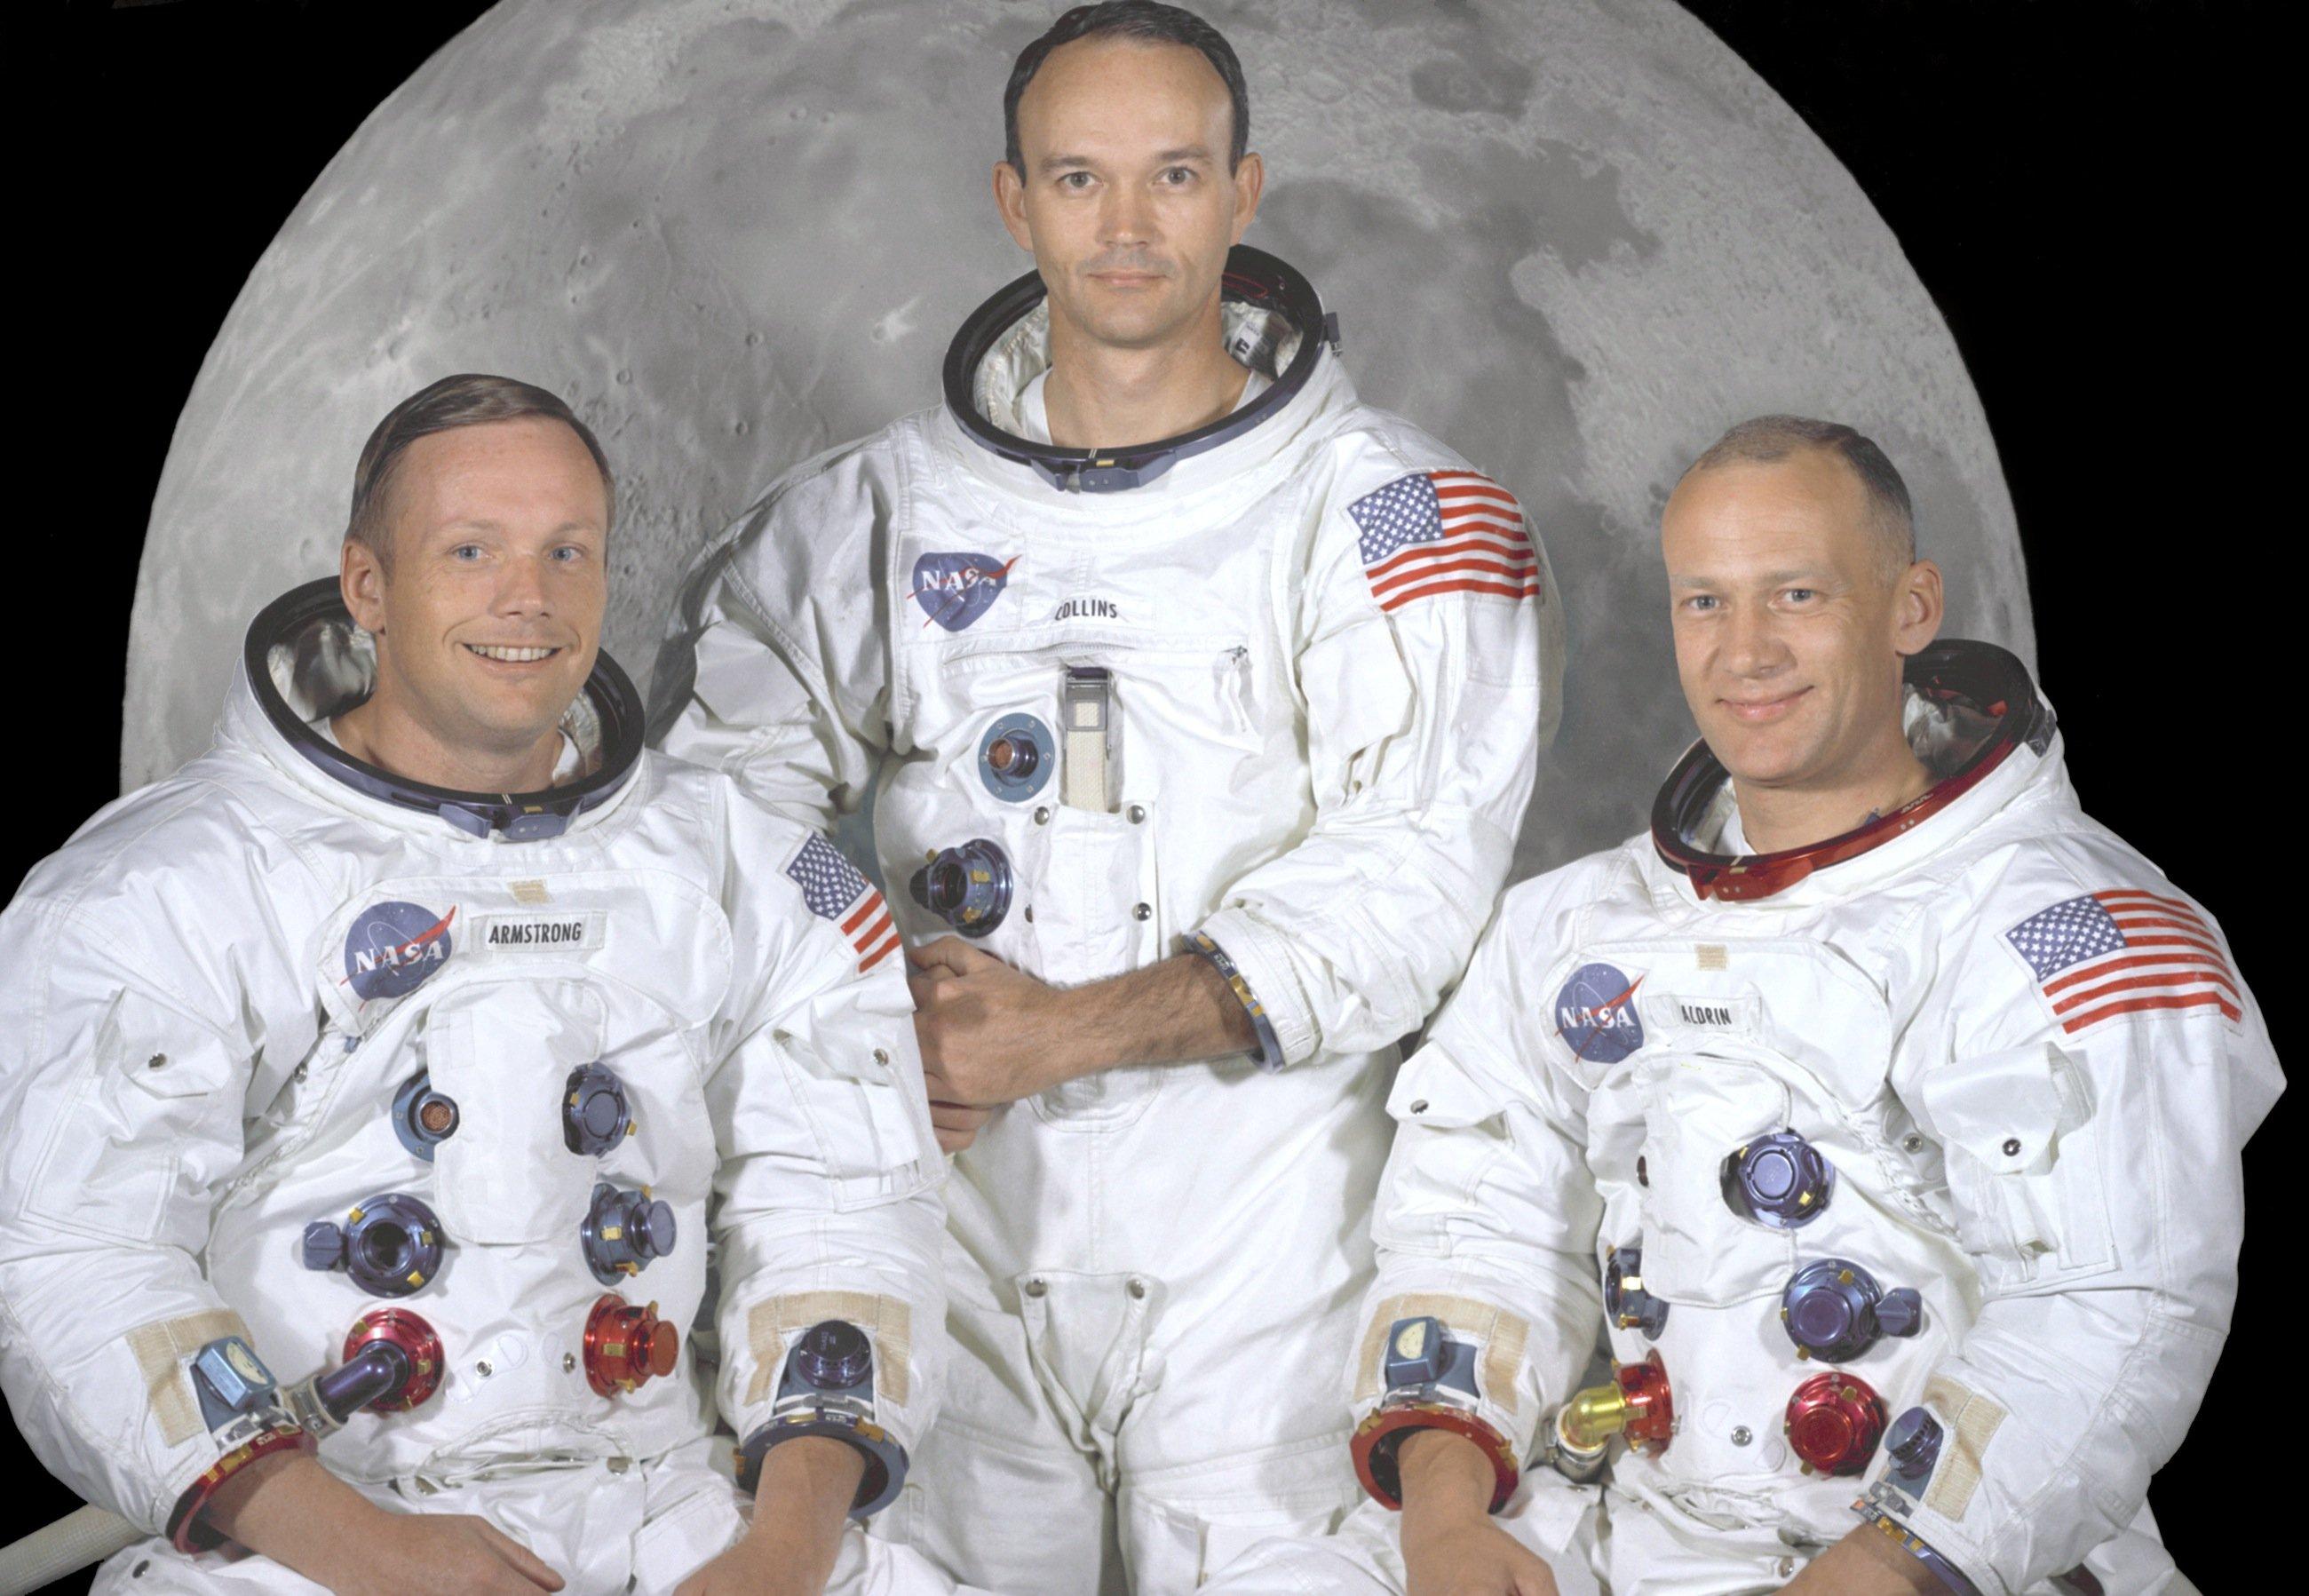 Die ersten Menschen auf dem Mond (v.l.): Kommandeur der Apollo 11, Neil A. Armstrong, Pilot Michael Collins, der während des Aufenthaltes auf dem Mond an Bord blieb, und Edwin Buzz Aldrin.